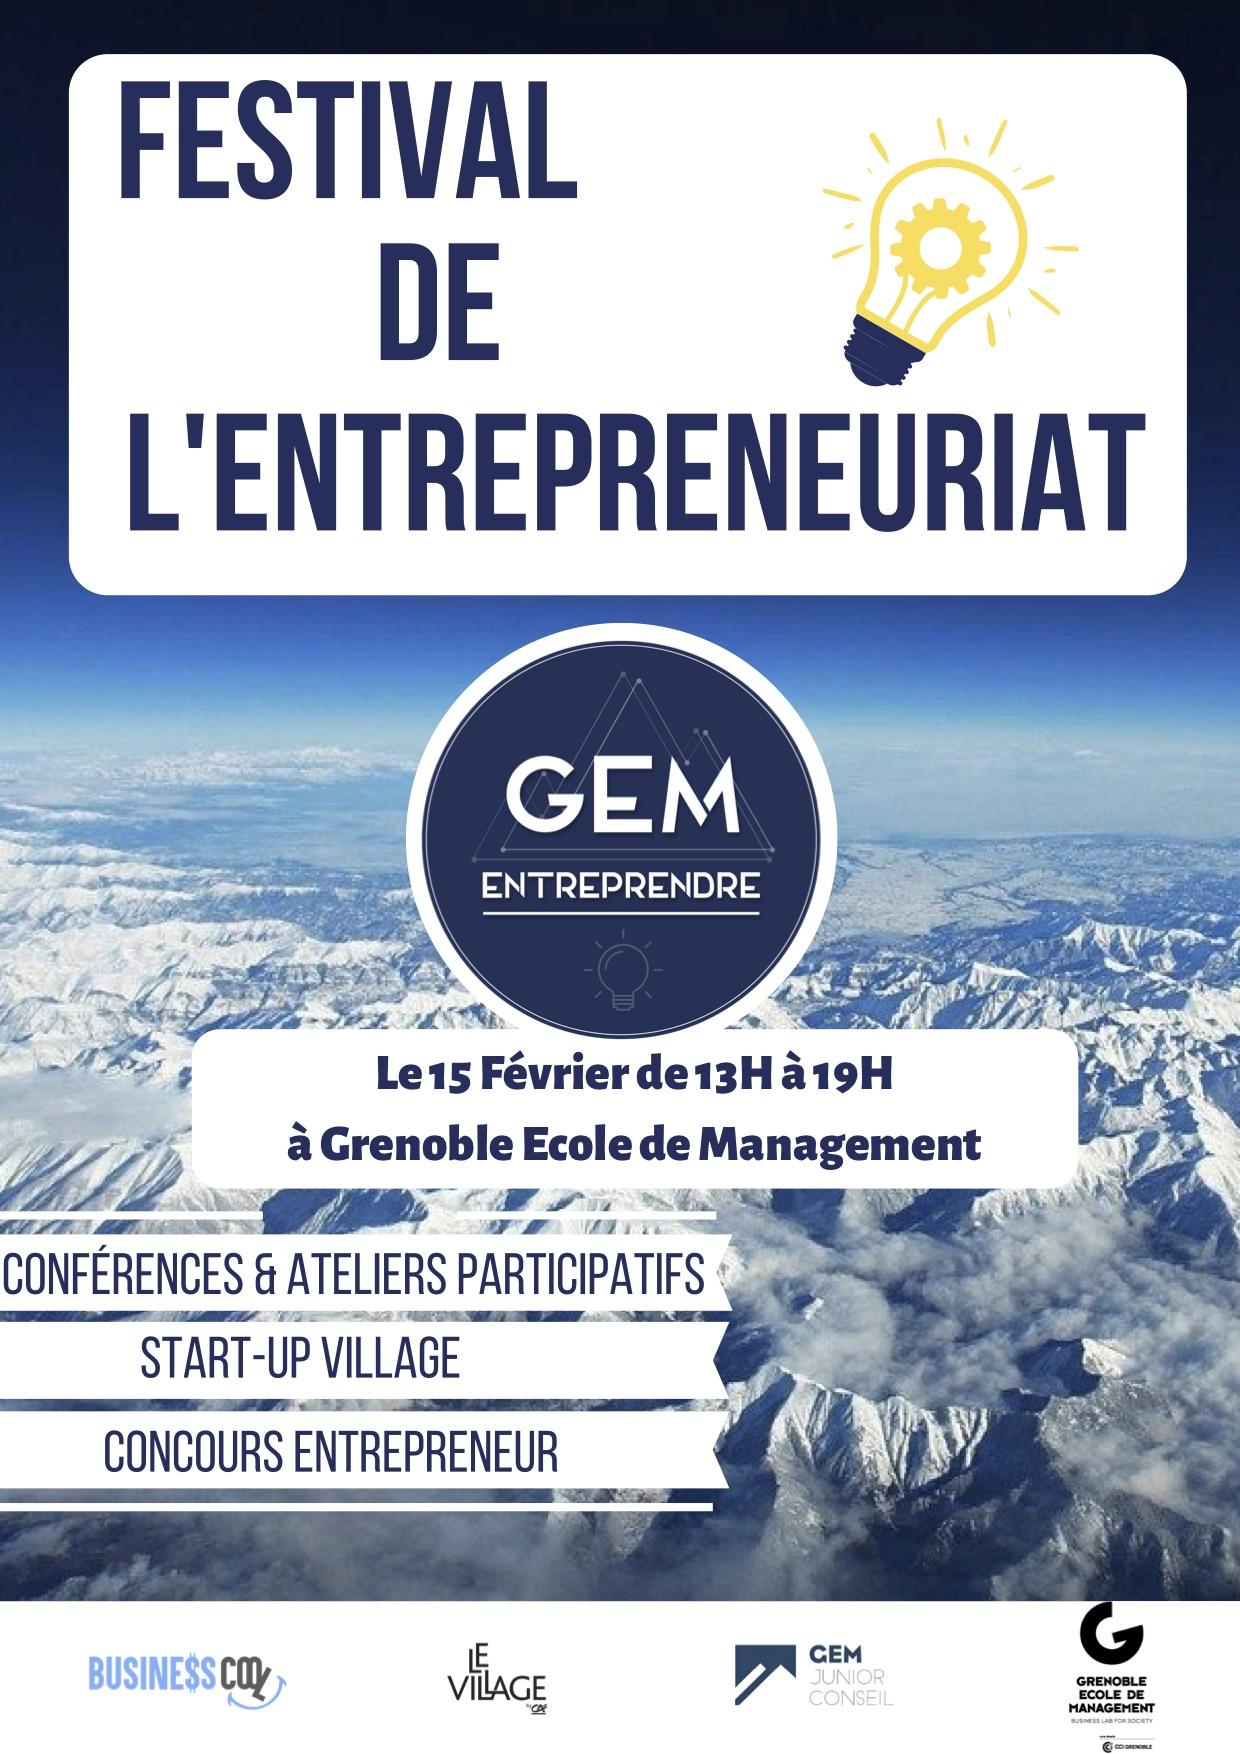 Festival de l'entrepreneuriat Édition 2020